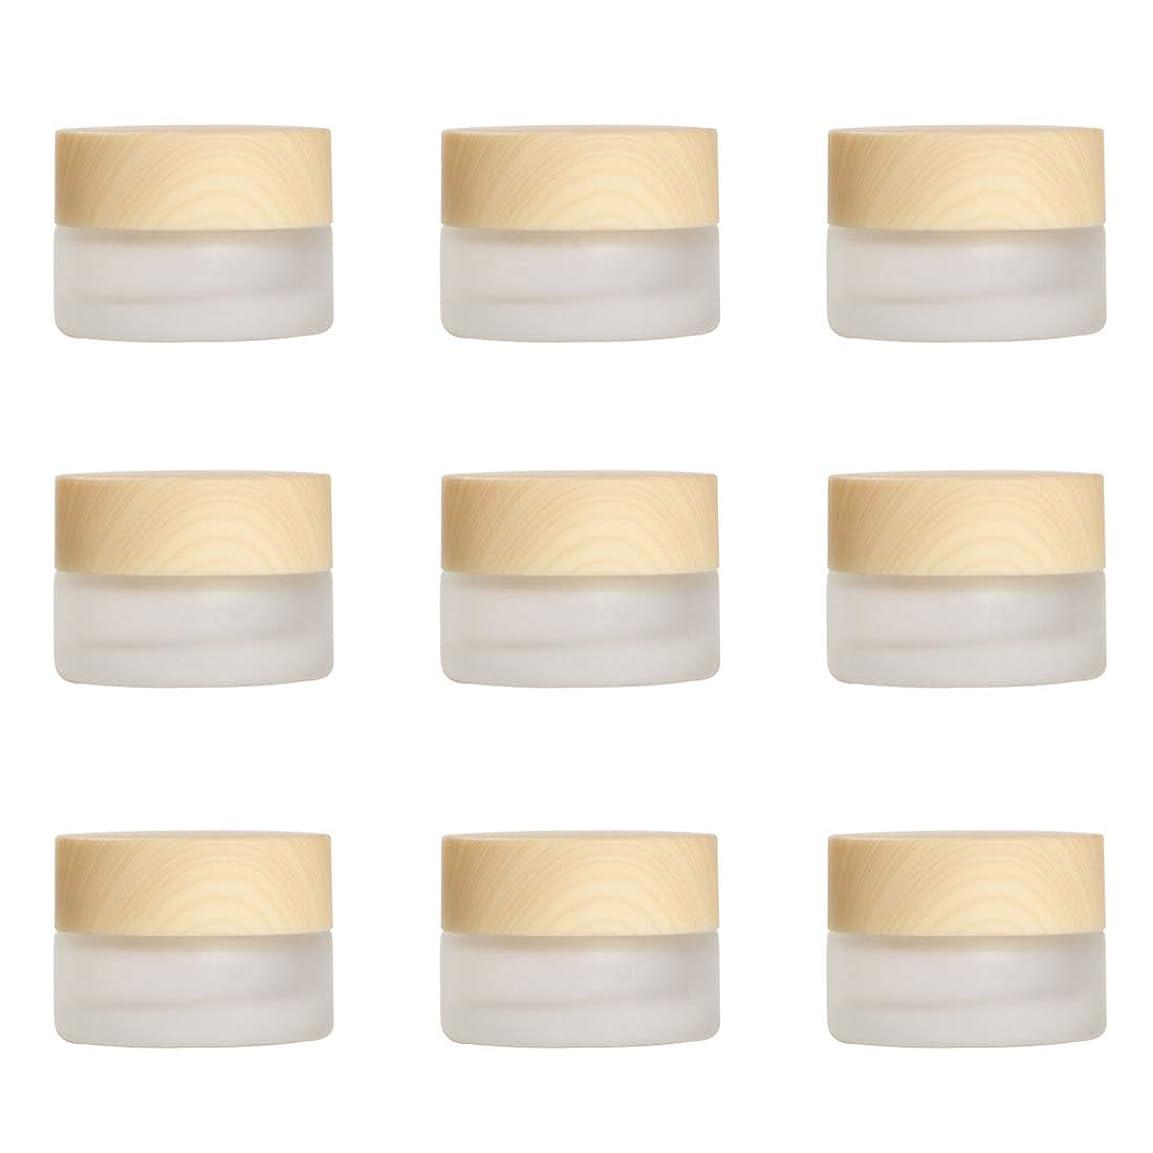 気質バレーボール確執Yiteng スポイト遮光瓶 アロマオイル 精油 香水やアロマの保存 小分け用 遮光瓶 保存 詰替え ガラス製 9本セット (艶消しガラス5g)